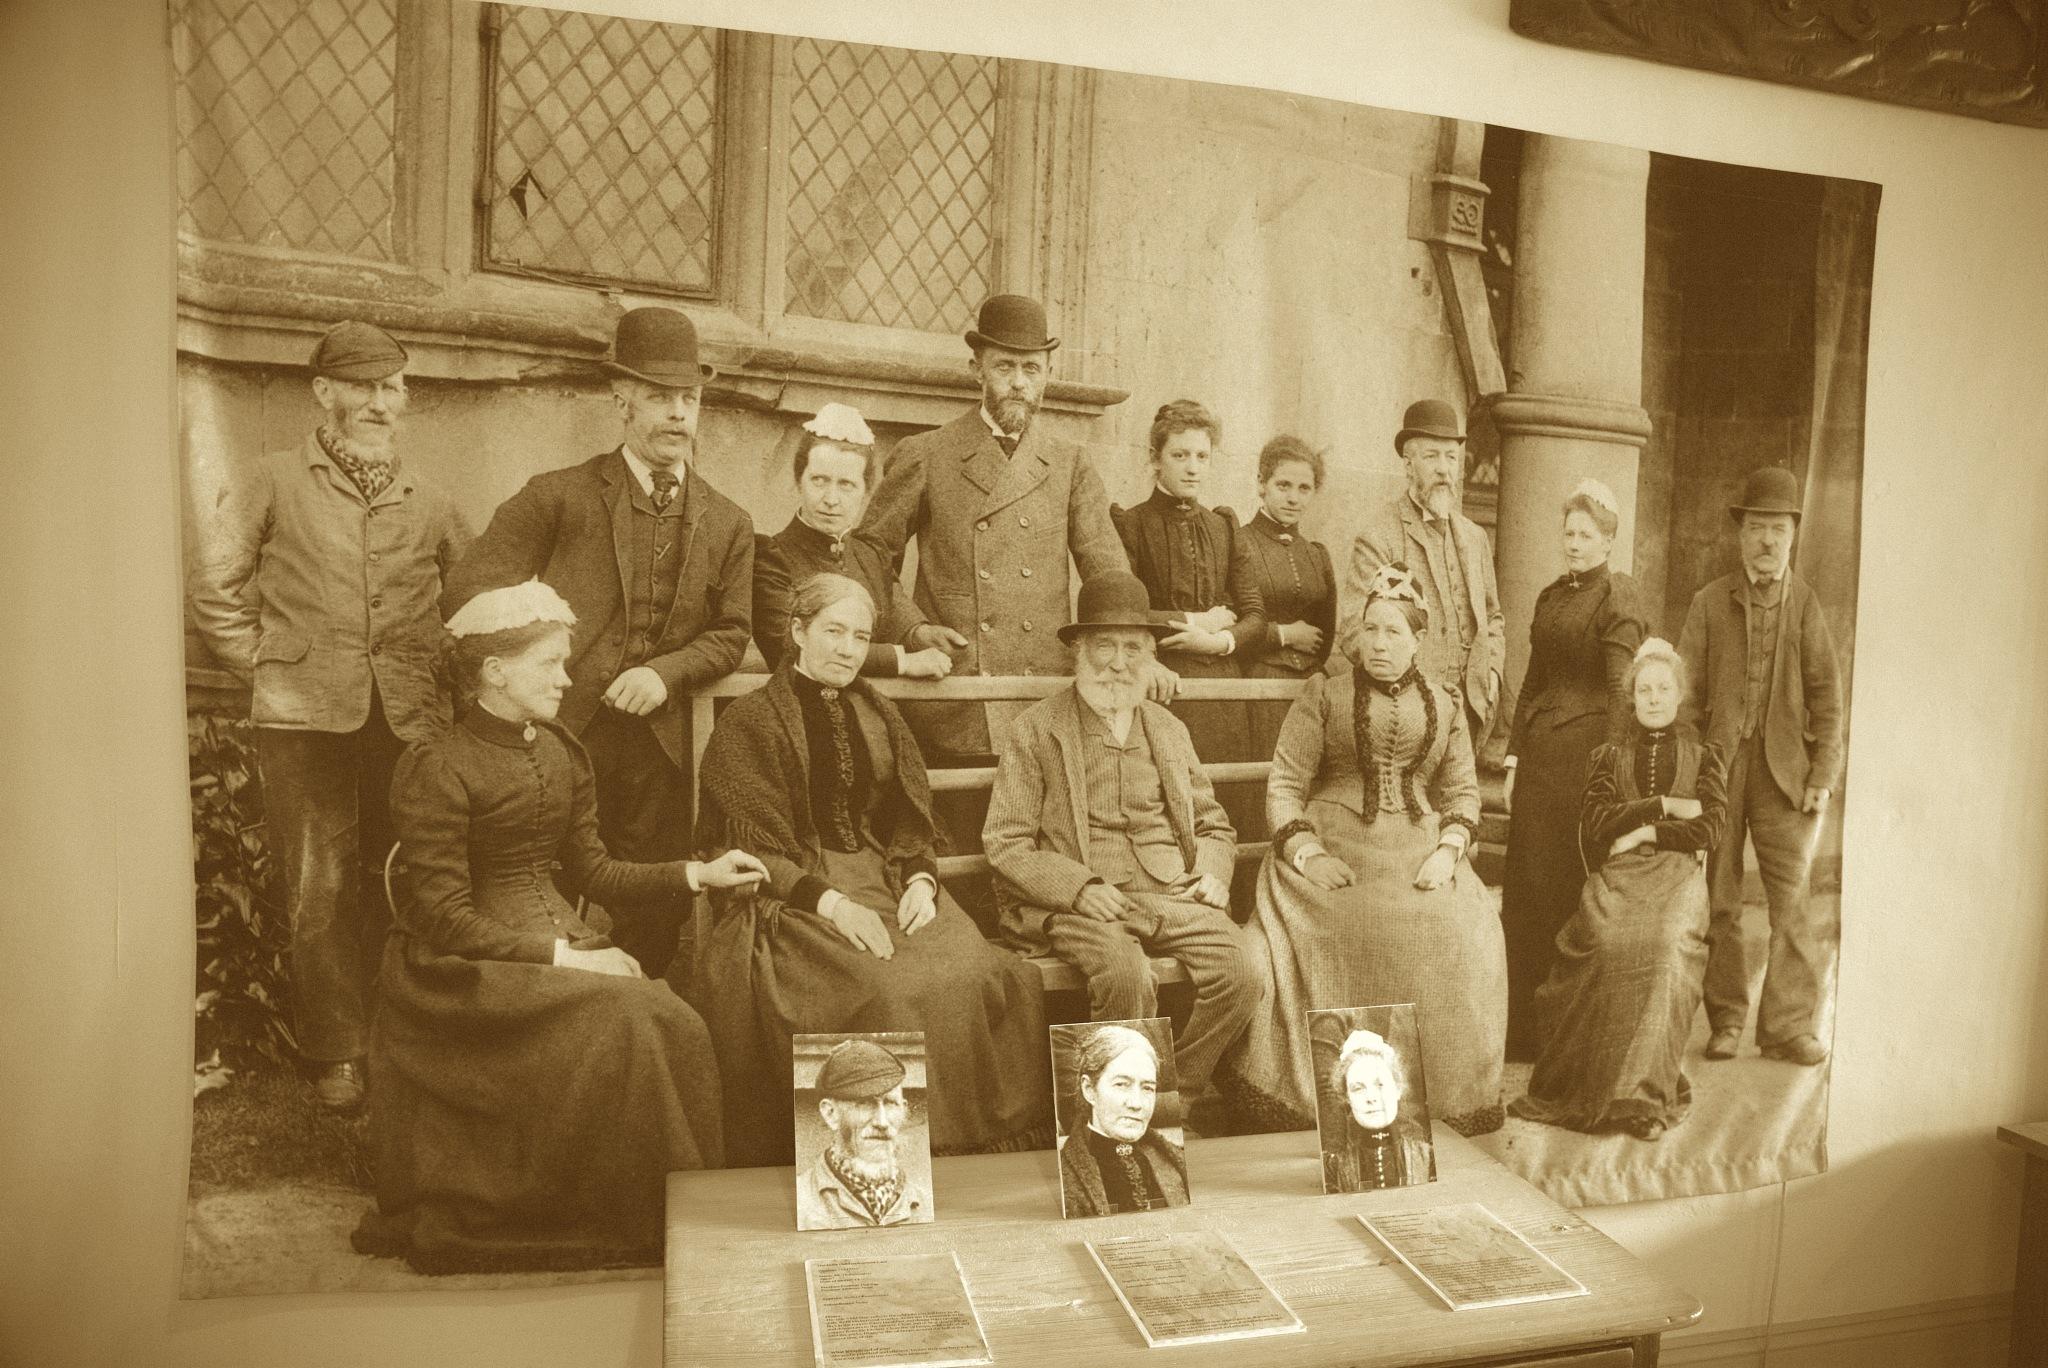 Hardwick Castle Staff. by John Cater